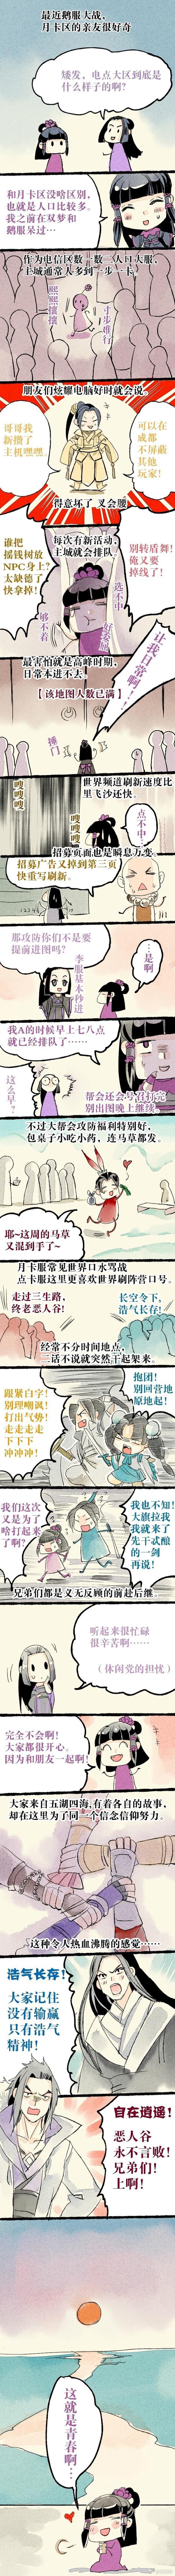 《剑网3》漫画江湖有记:为同一个信仰而努力